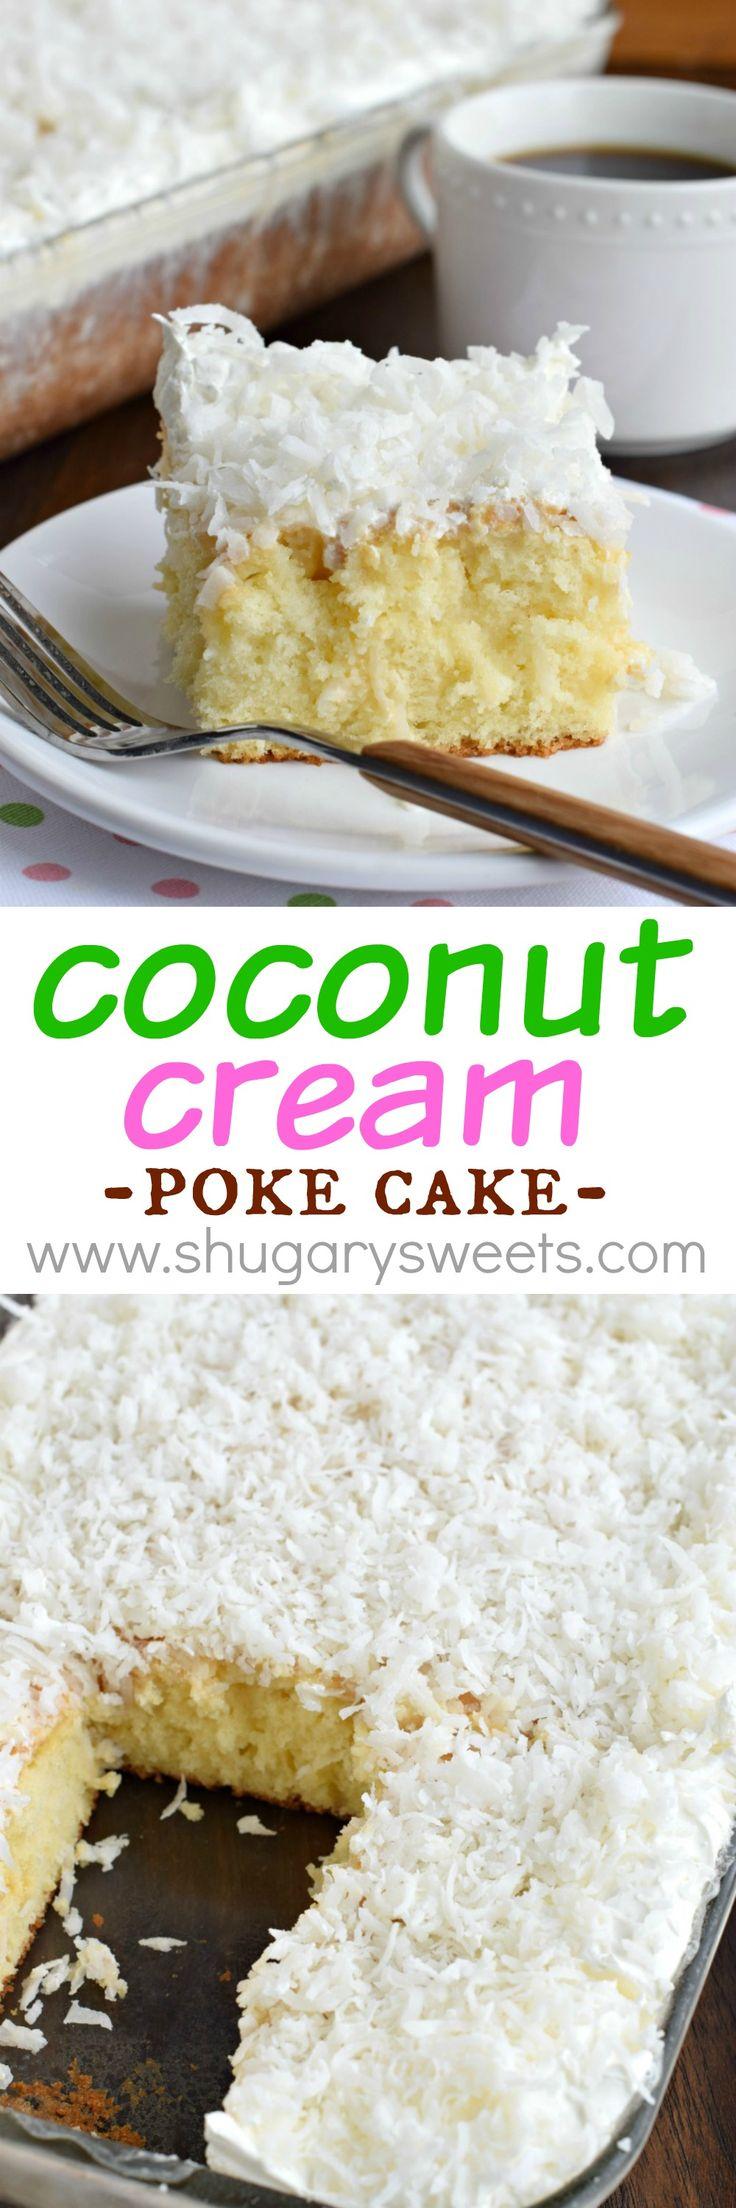 Crema de Coco del empuje de la torta receta es perfecta para un almuerzo, de traje o un postre dulce después de cualquier comida.  Ligera y deliciosa!